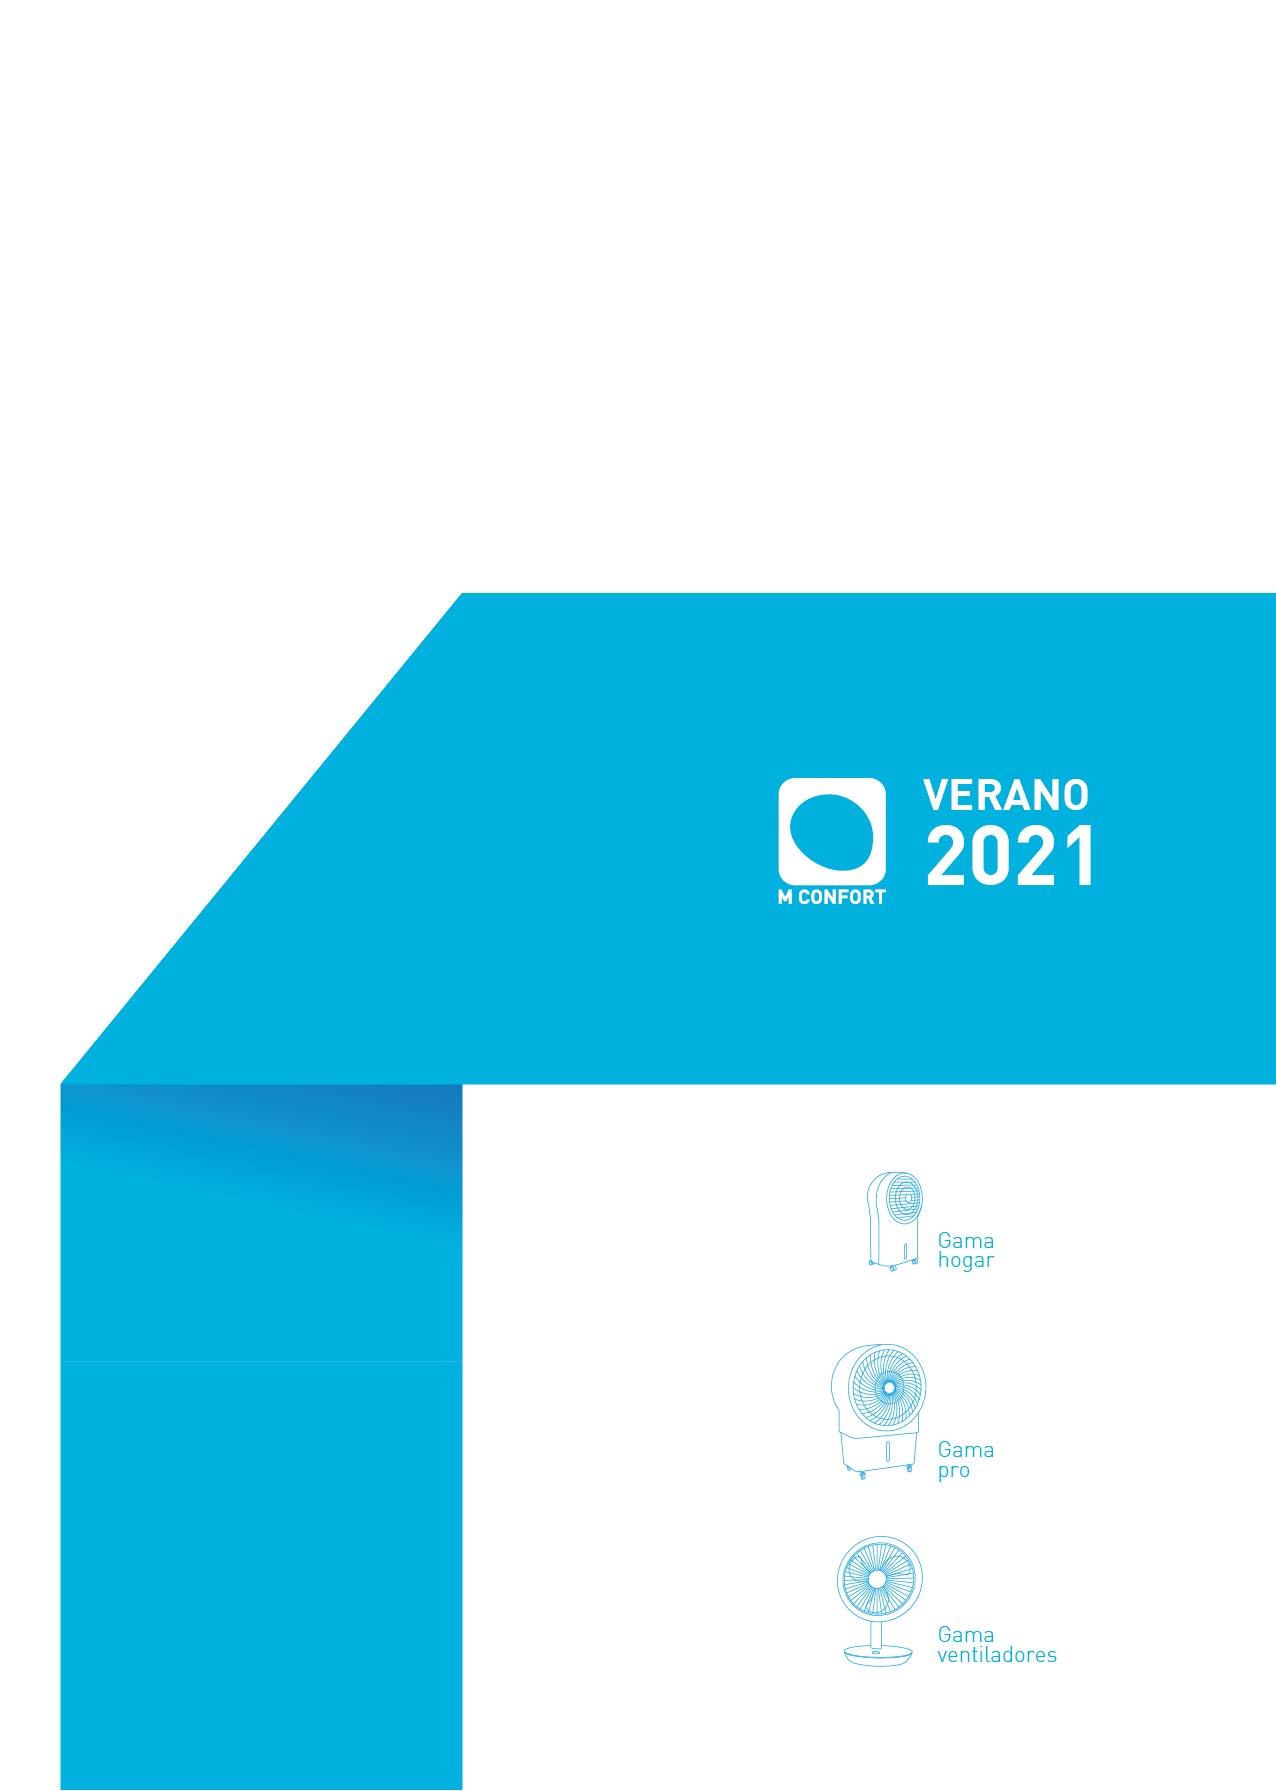 PORTADA CATÁLOGO VERANO 2021 MCONFORT